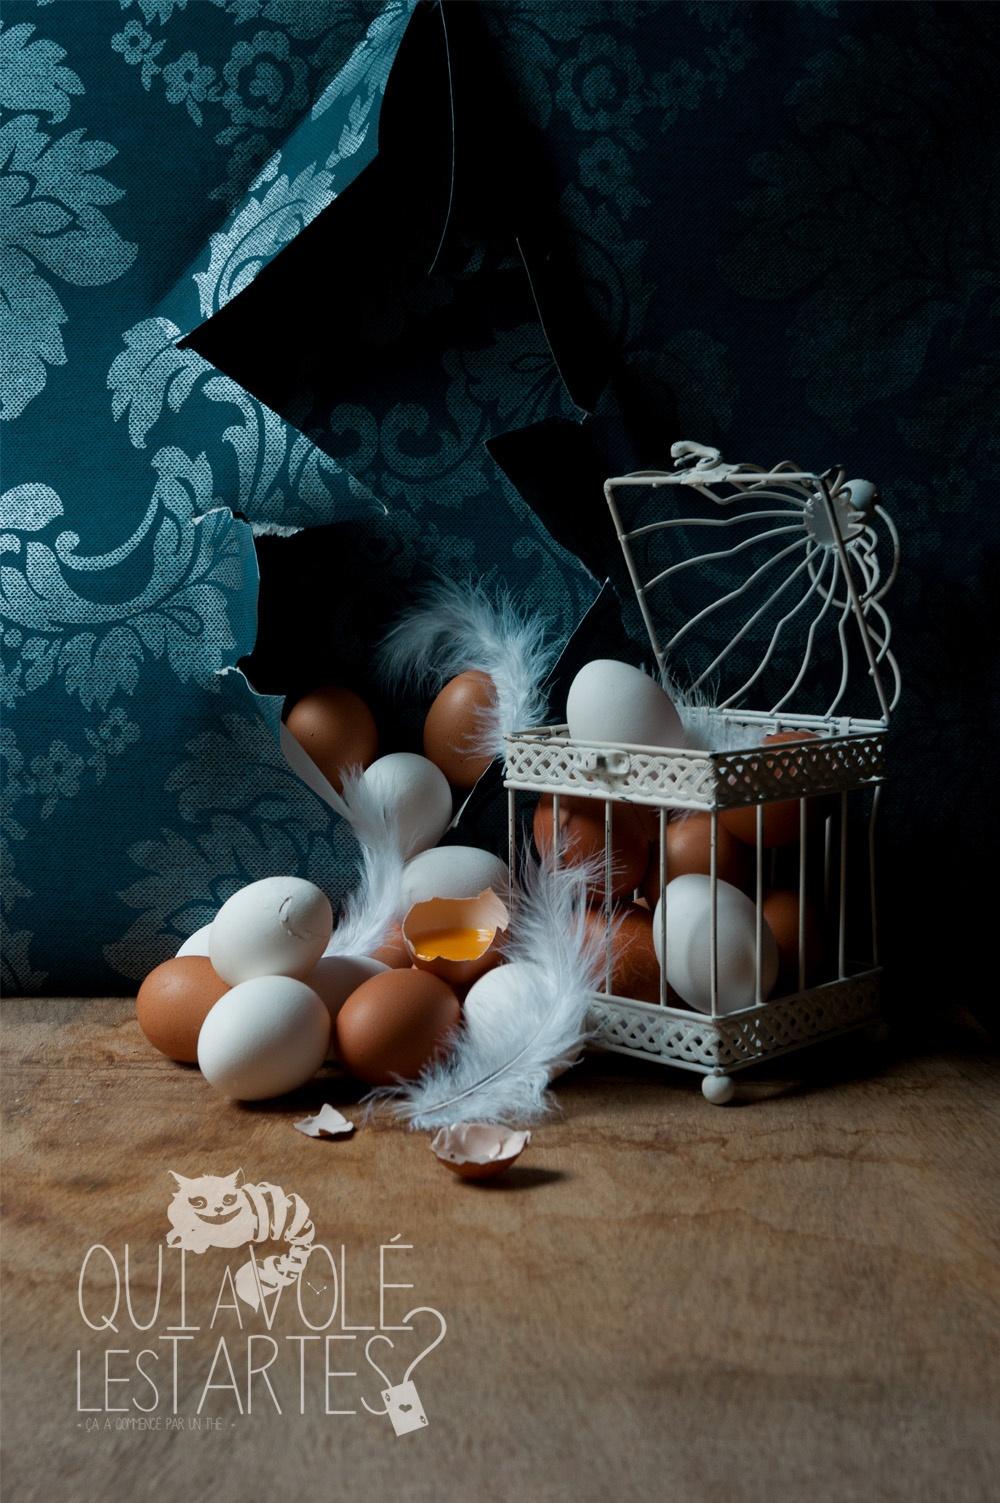 Oeufs cachés 1 - Studio de création - Qui a volé les tartes